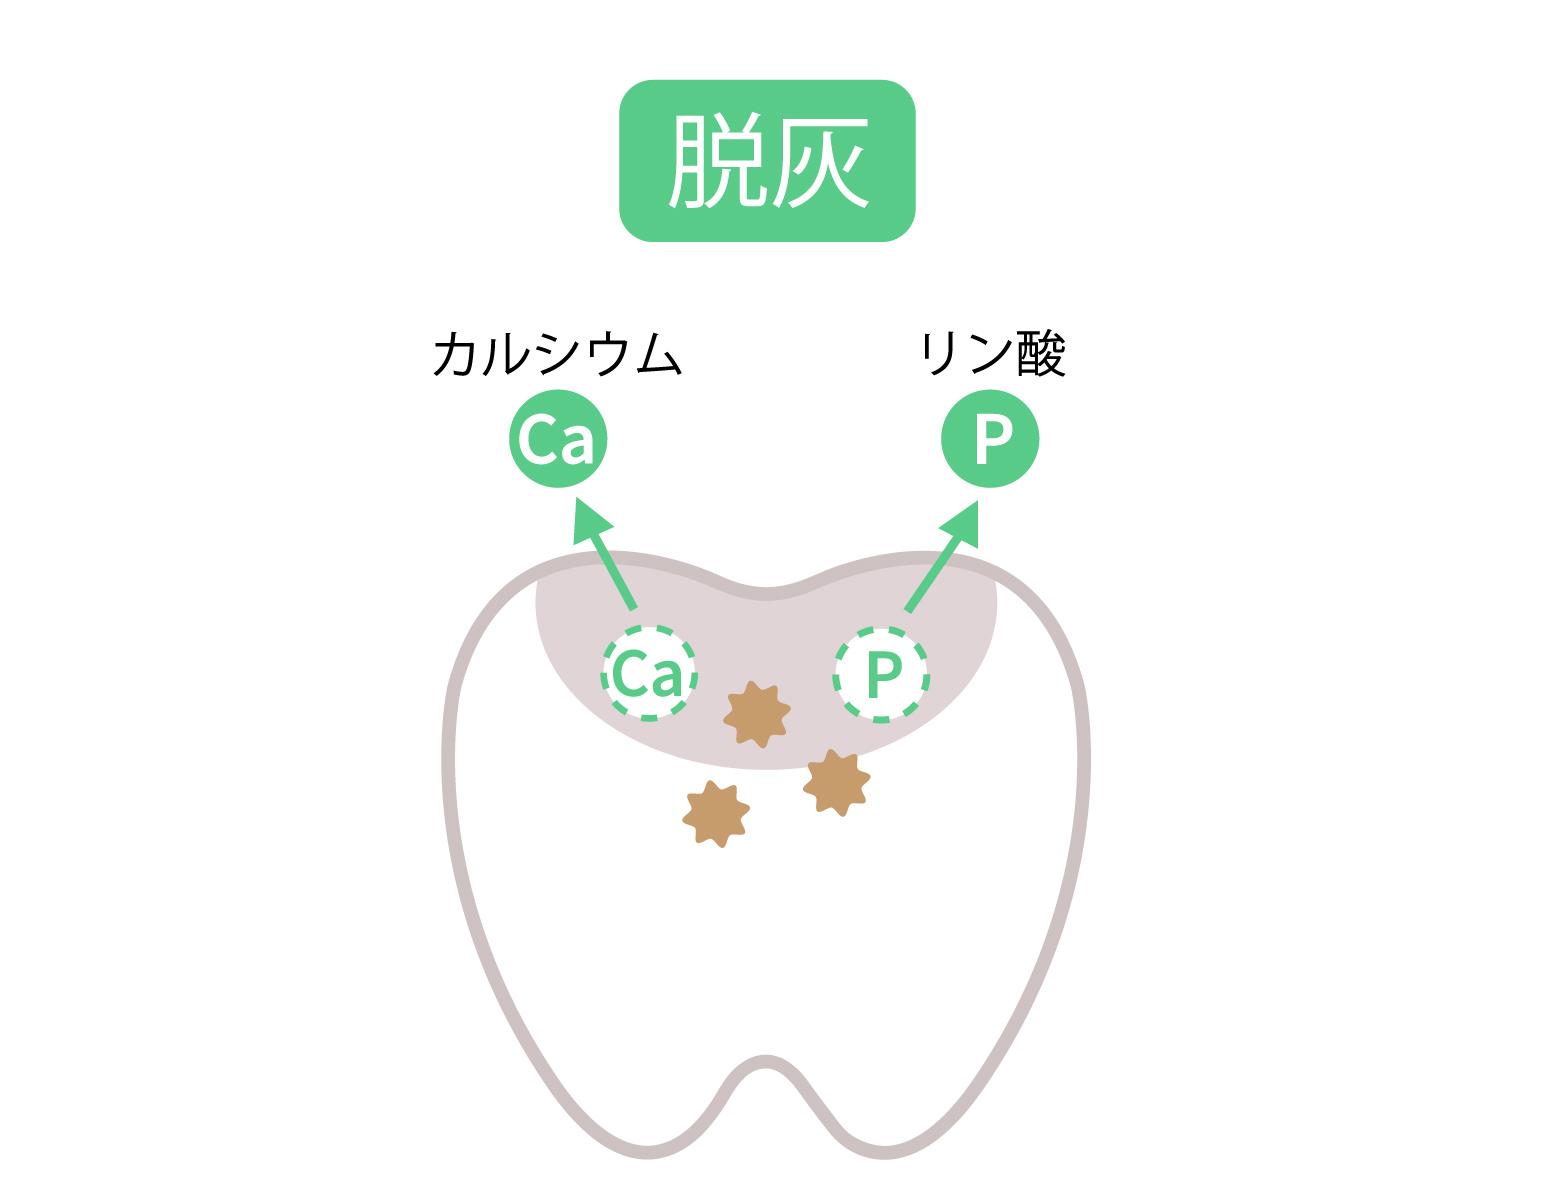 歯が脱灰するとエナメル質のカルシウムとリンが溶け出す